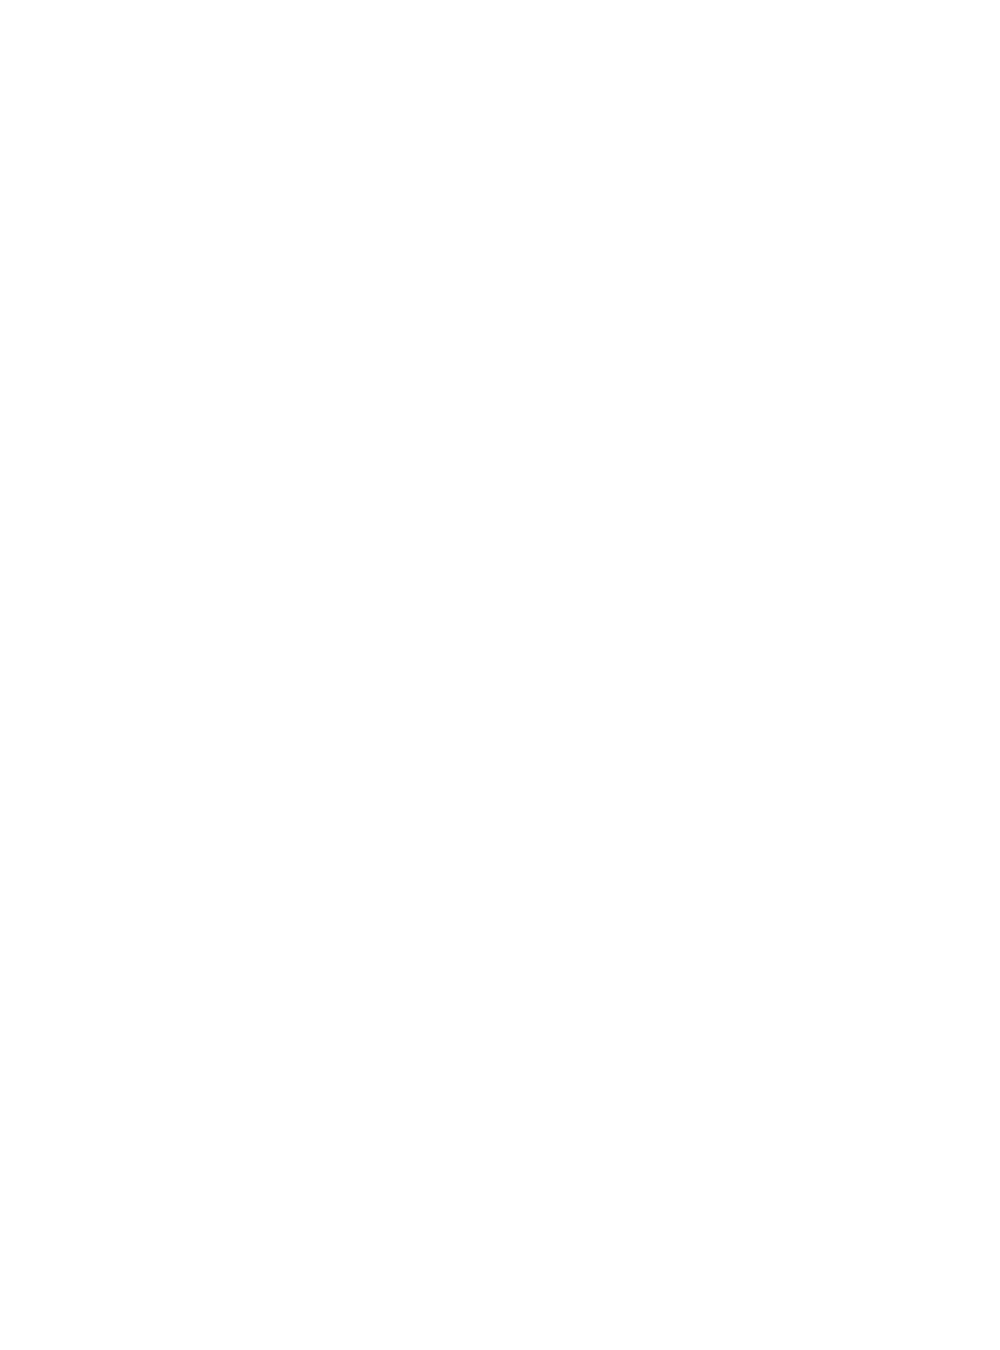 Cara - Gespenstermädchen auf Klassenfahrt von Ralf Leuther